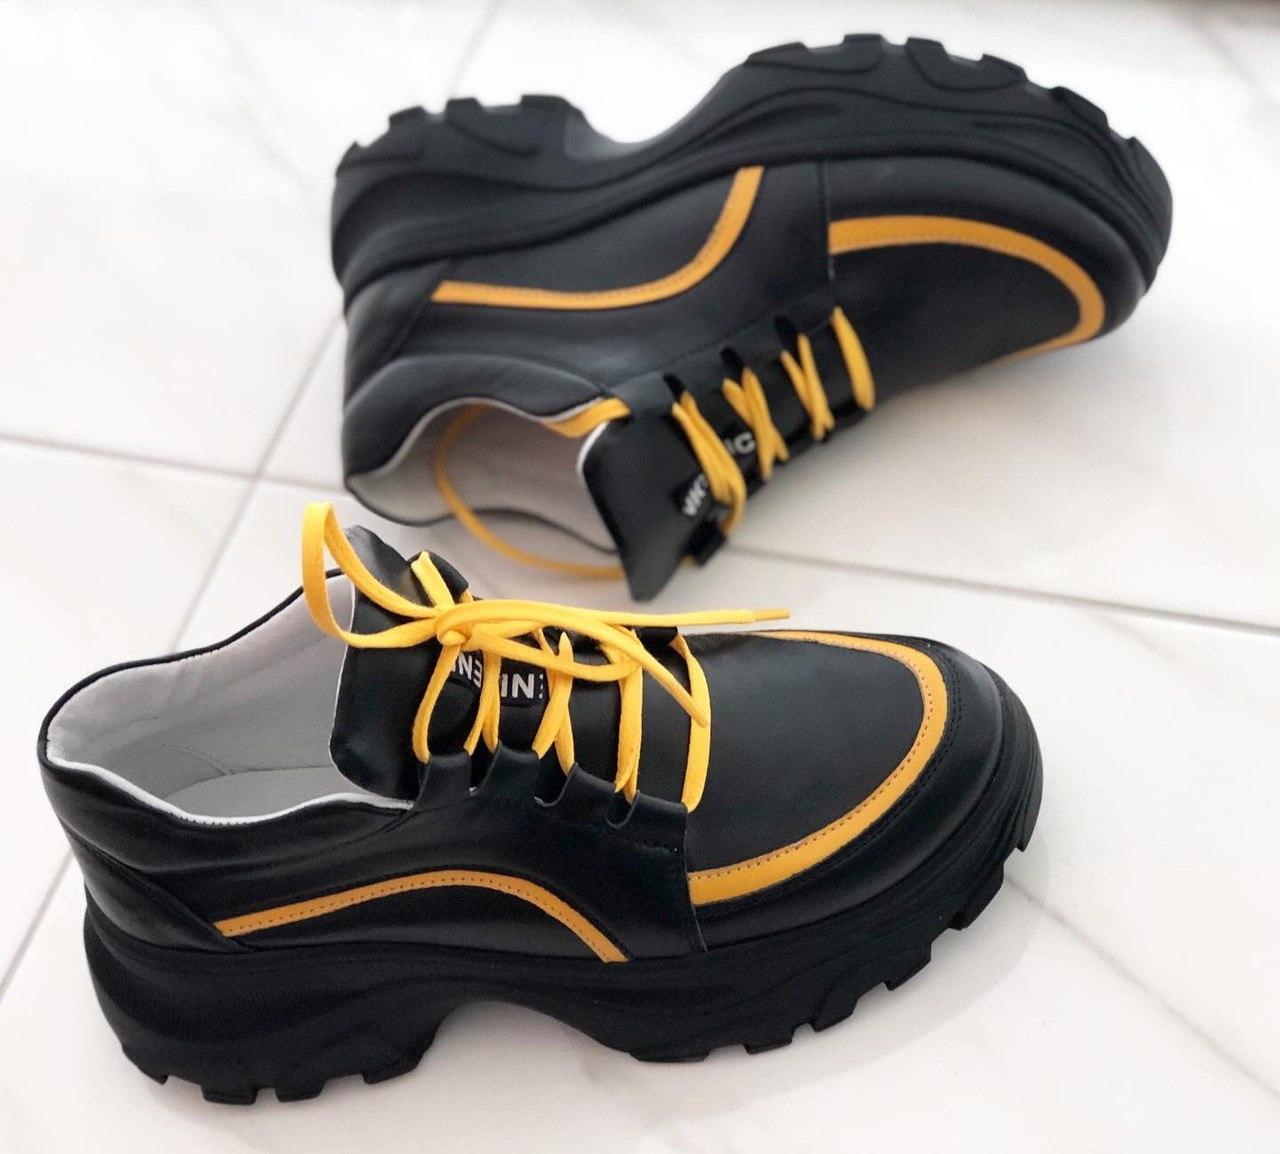 Кожаные женские кроссовки очень стильные и удобные Alexander 1008ч/к размеры 37,38,39